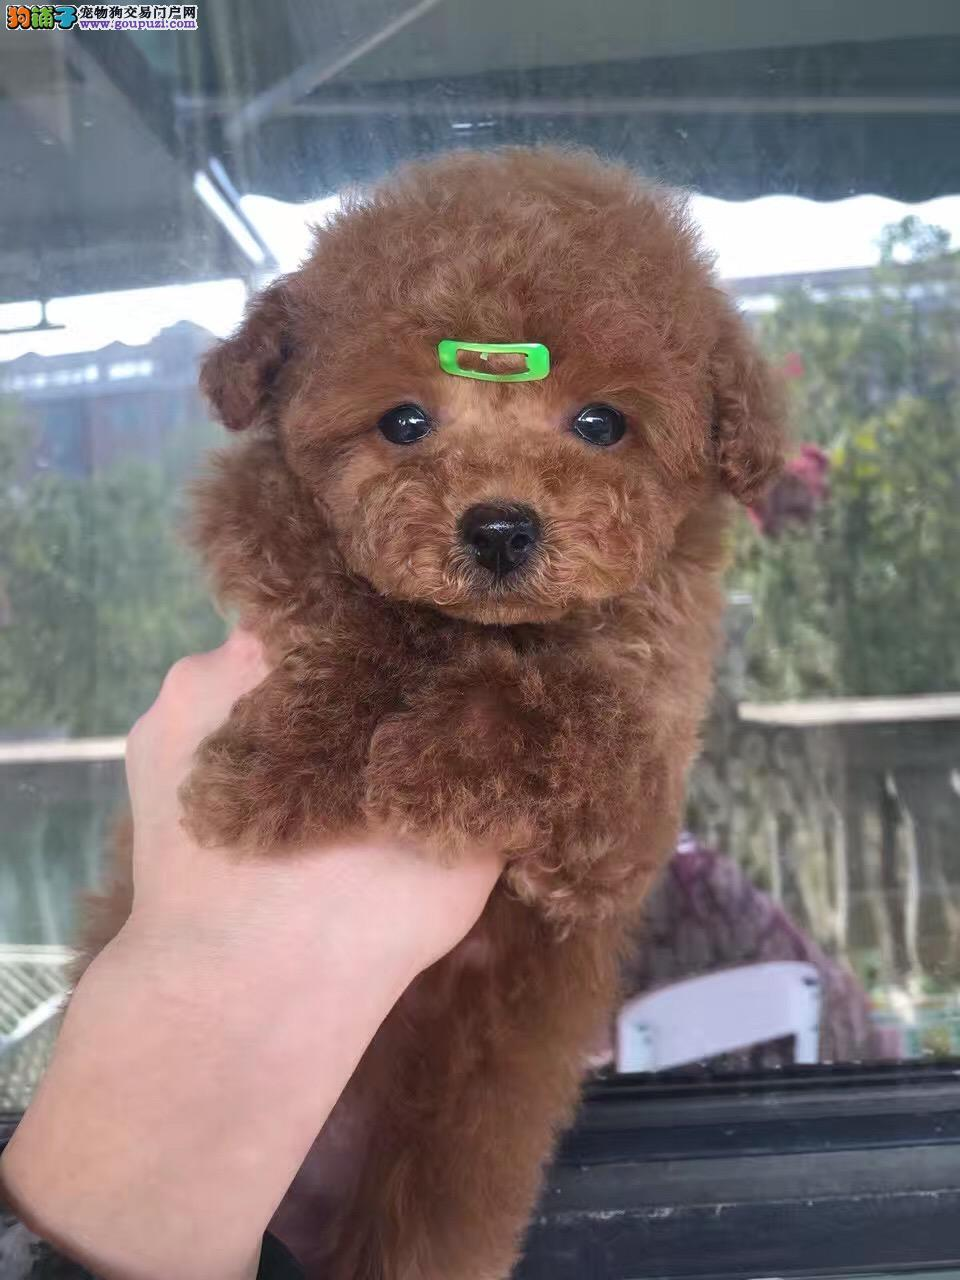 出售纯种泰迪犬,不掉毛,茶杯玩具迷你体